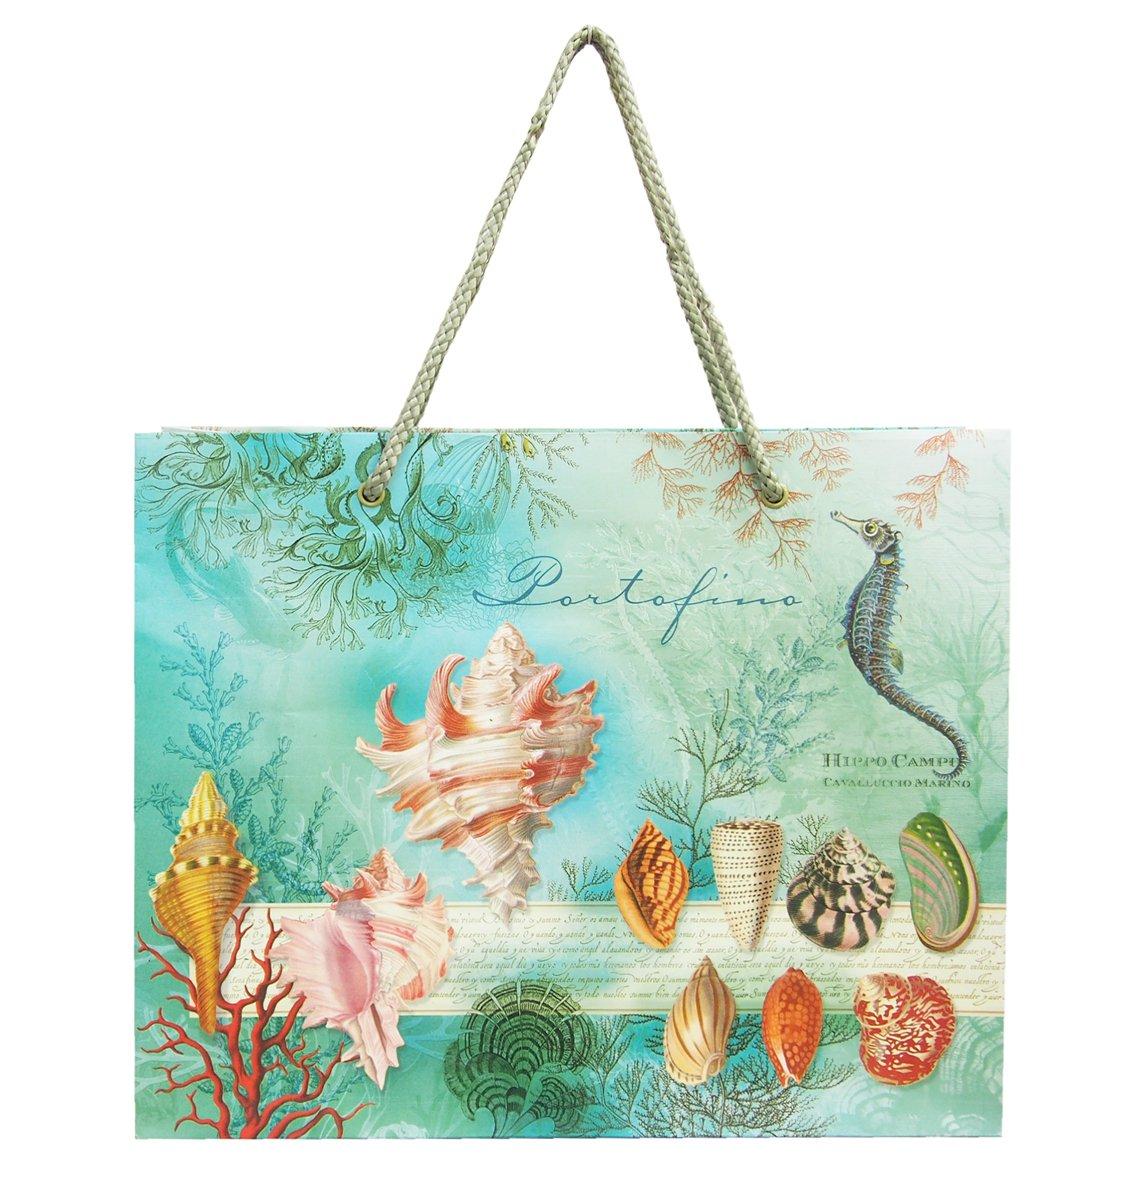 2a0580a53d32 Amazon.co.jp: パンチスタジオ ペーパーギフトバッグ Mサイズ (海の宝物) 56659: ホーム&キッチン